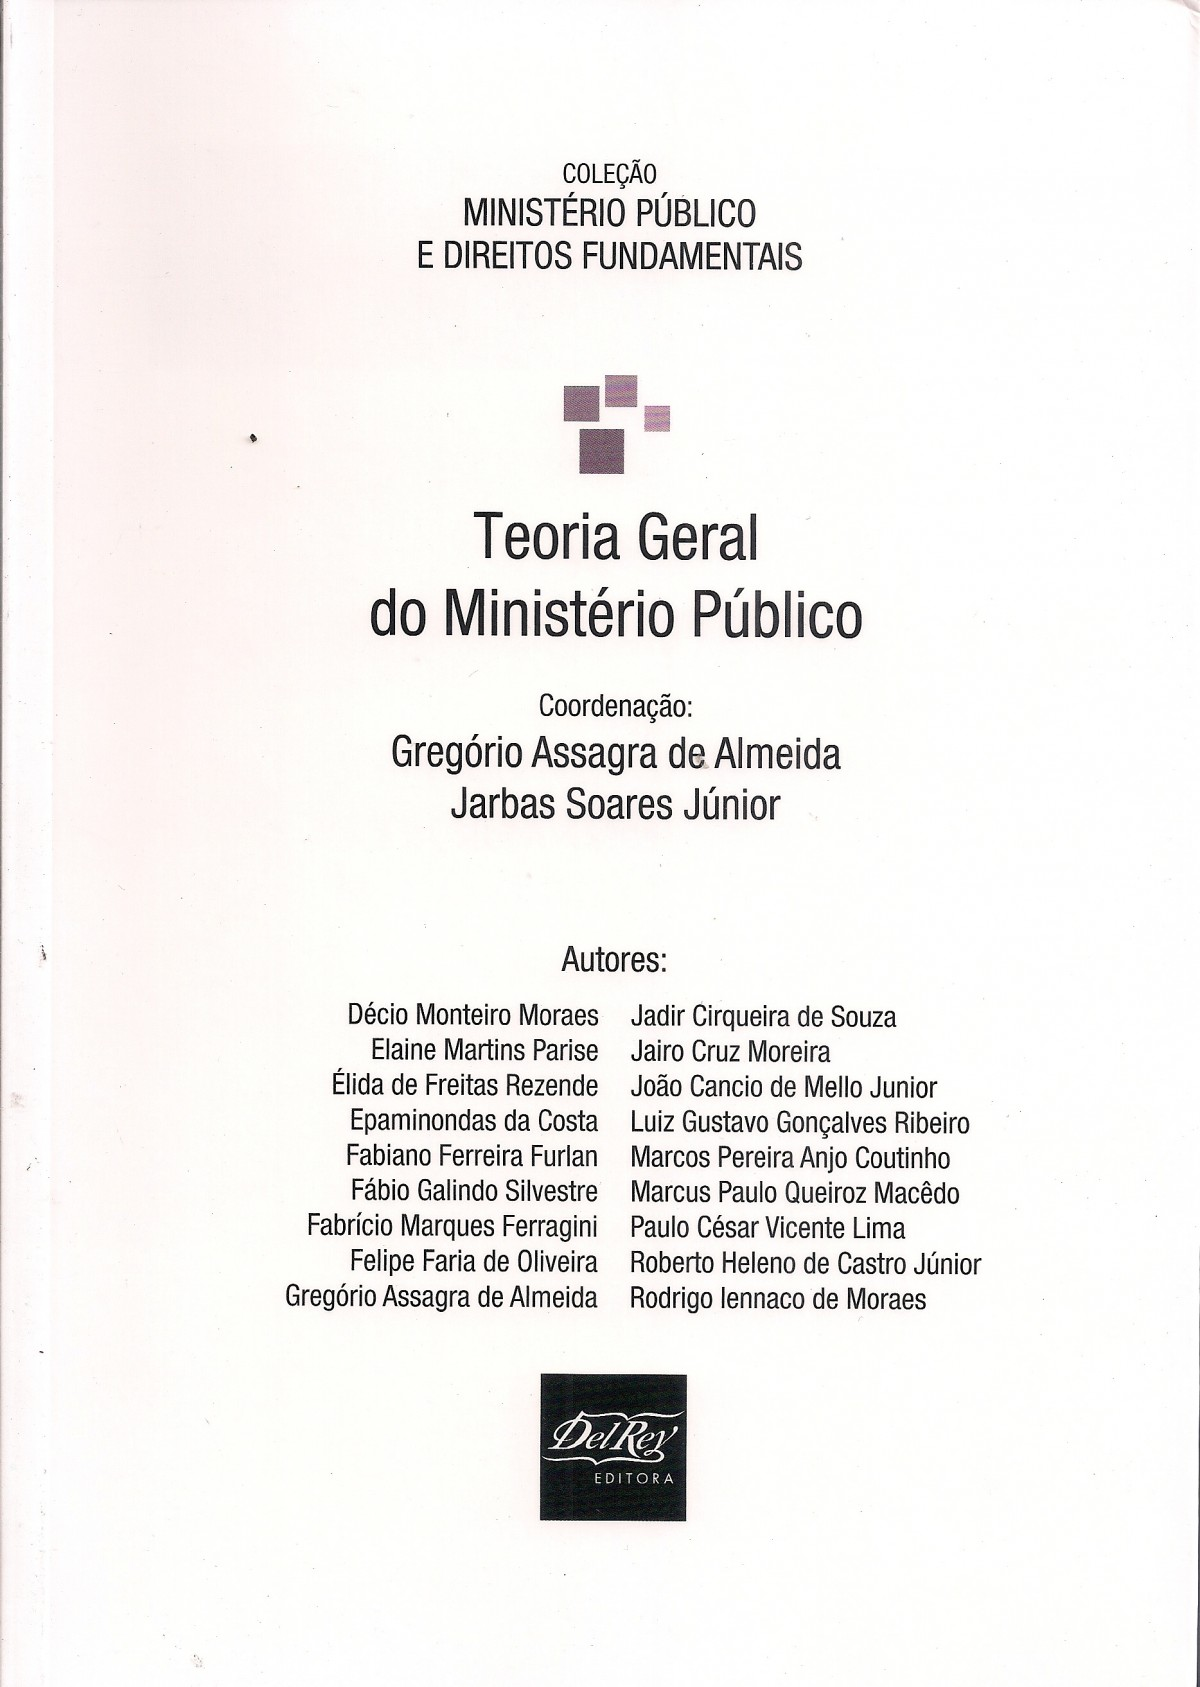 Foto 1 - Teoria Geral do Ministério Público